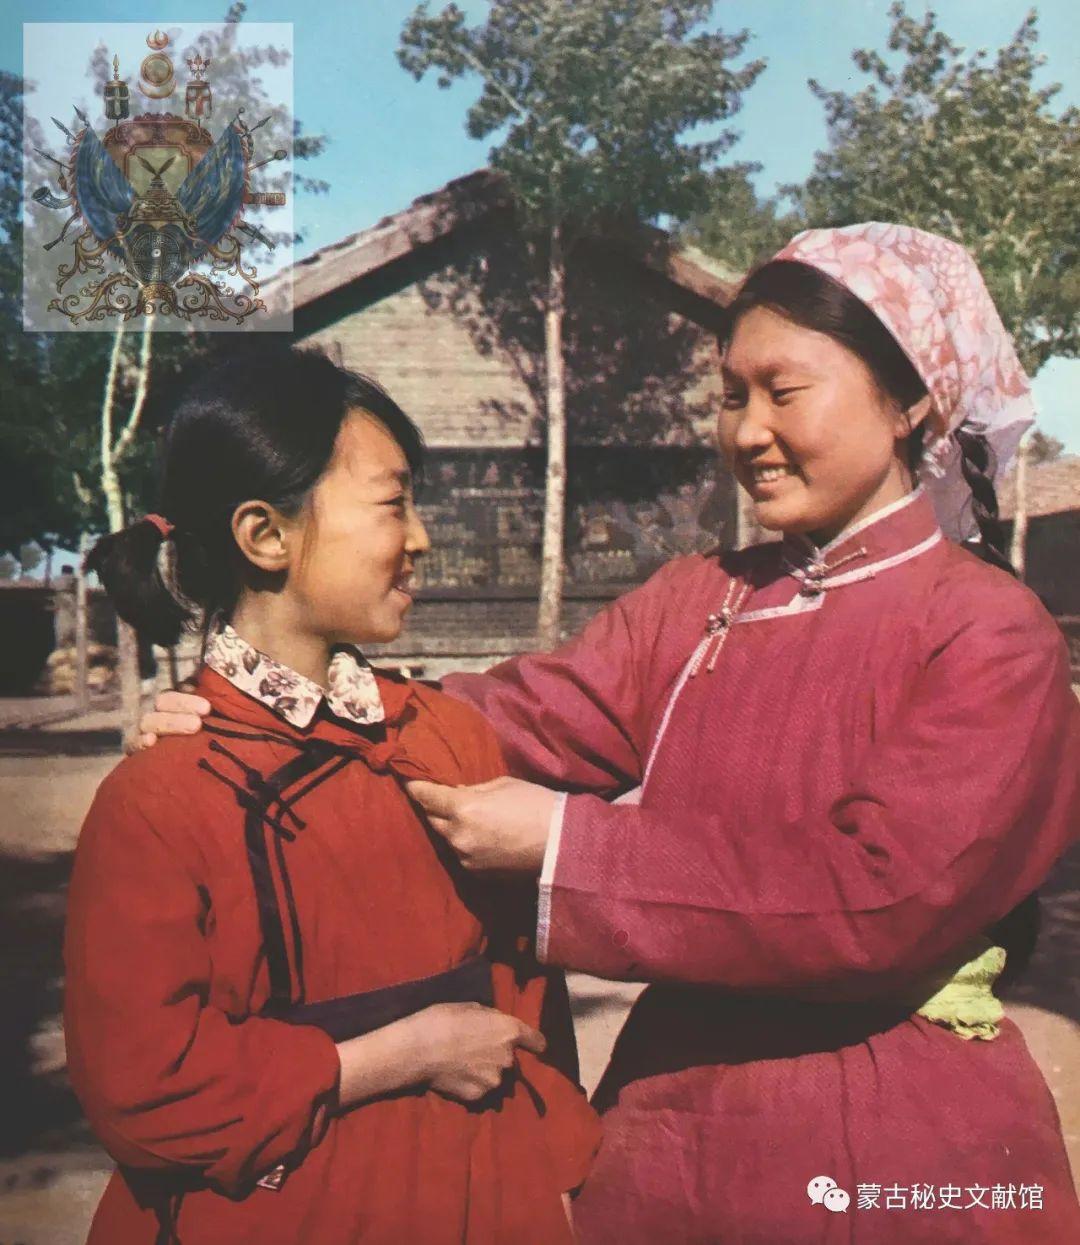 内蒙古教育自治区成立30年画册 第70张 内蒙古教育自治区成立30年画册 蒙古文化